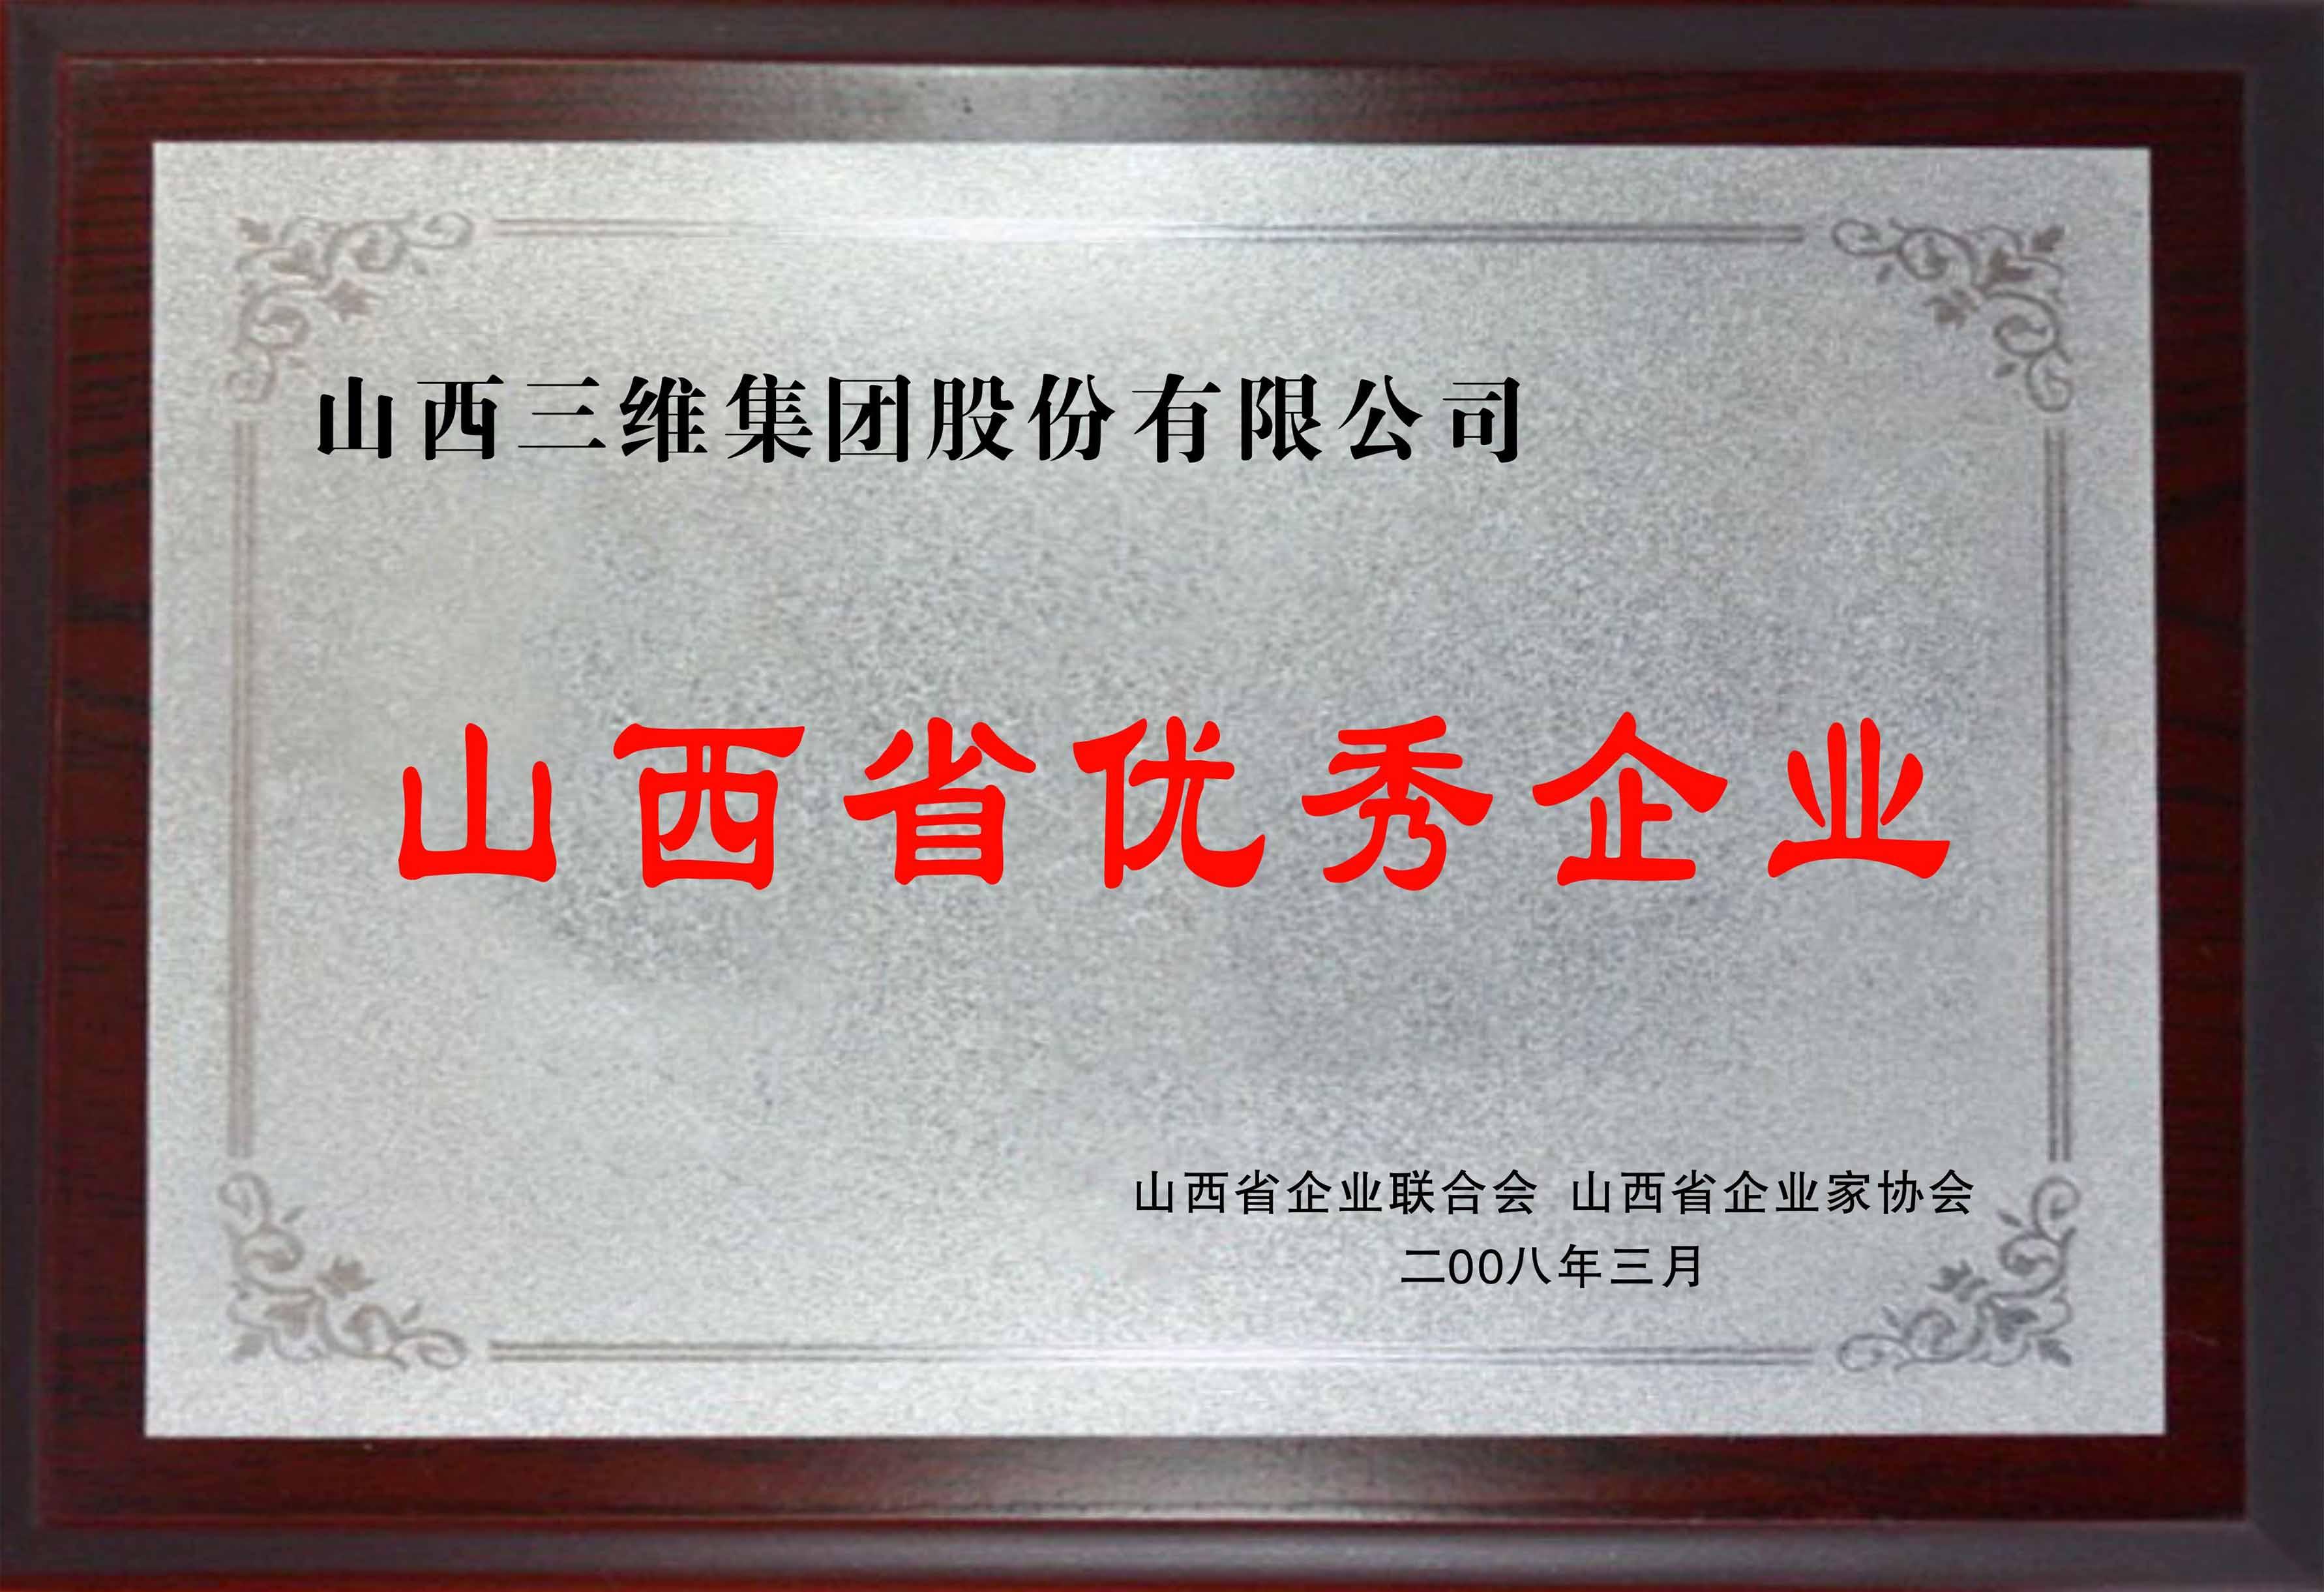 山西省优秀企业荣誉证书